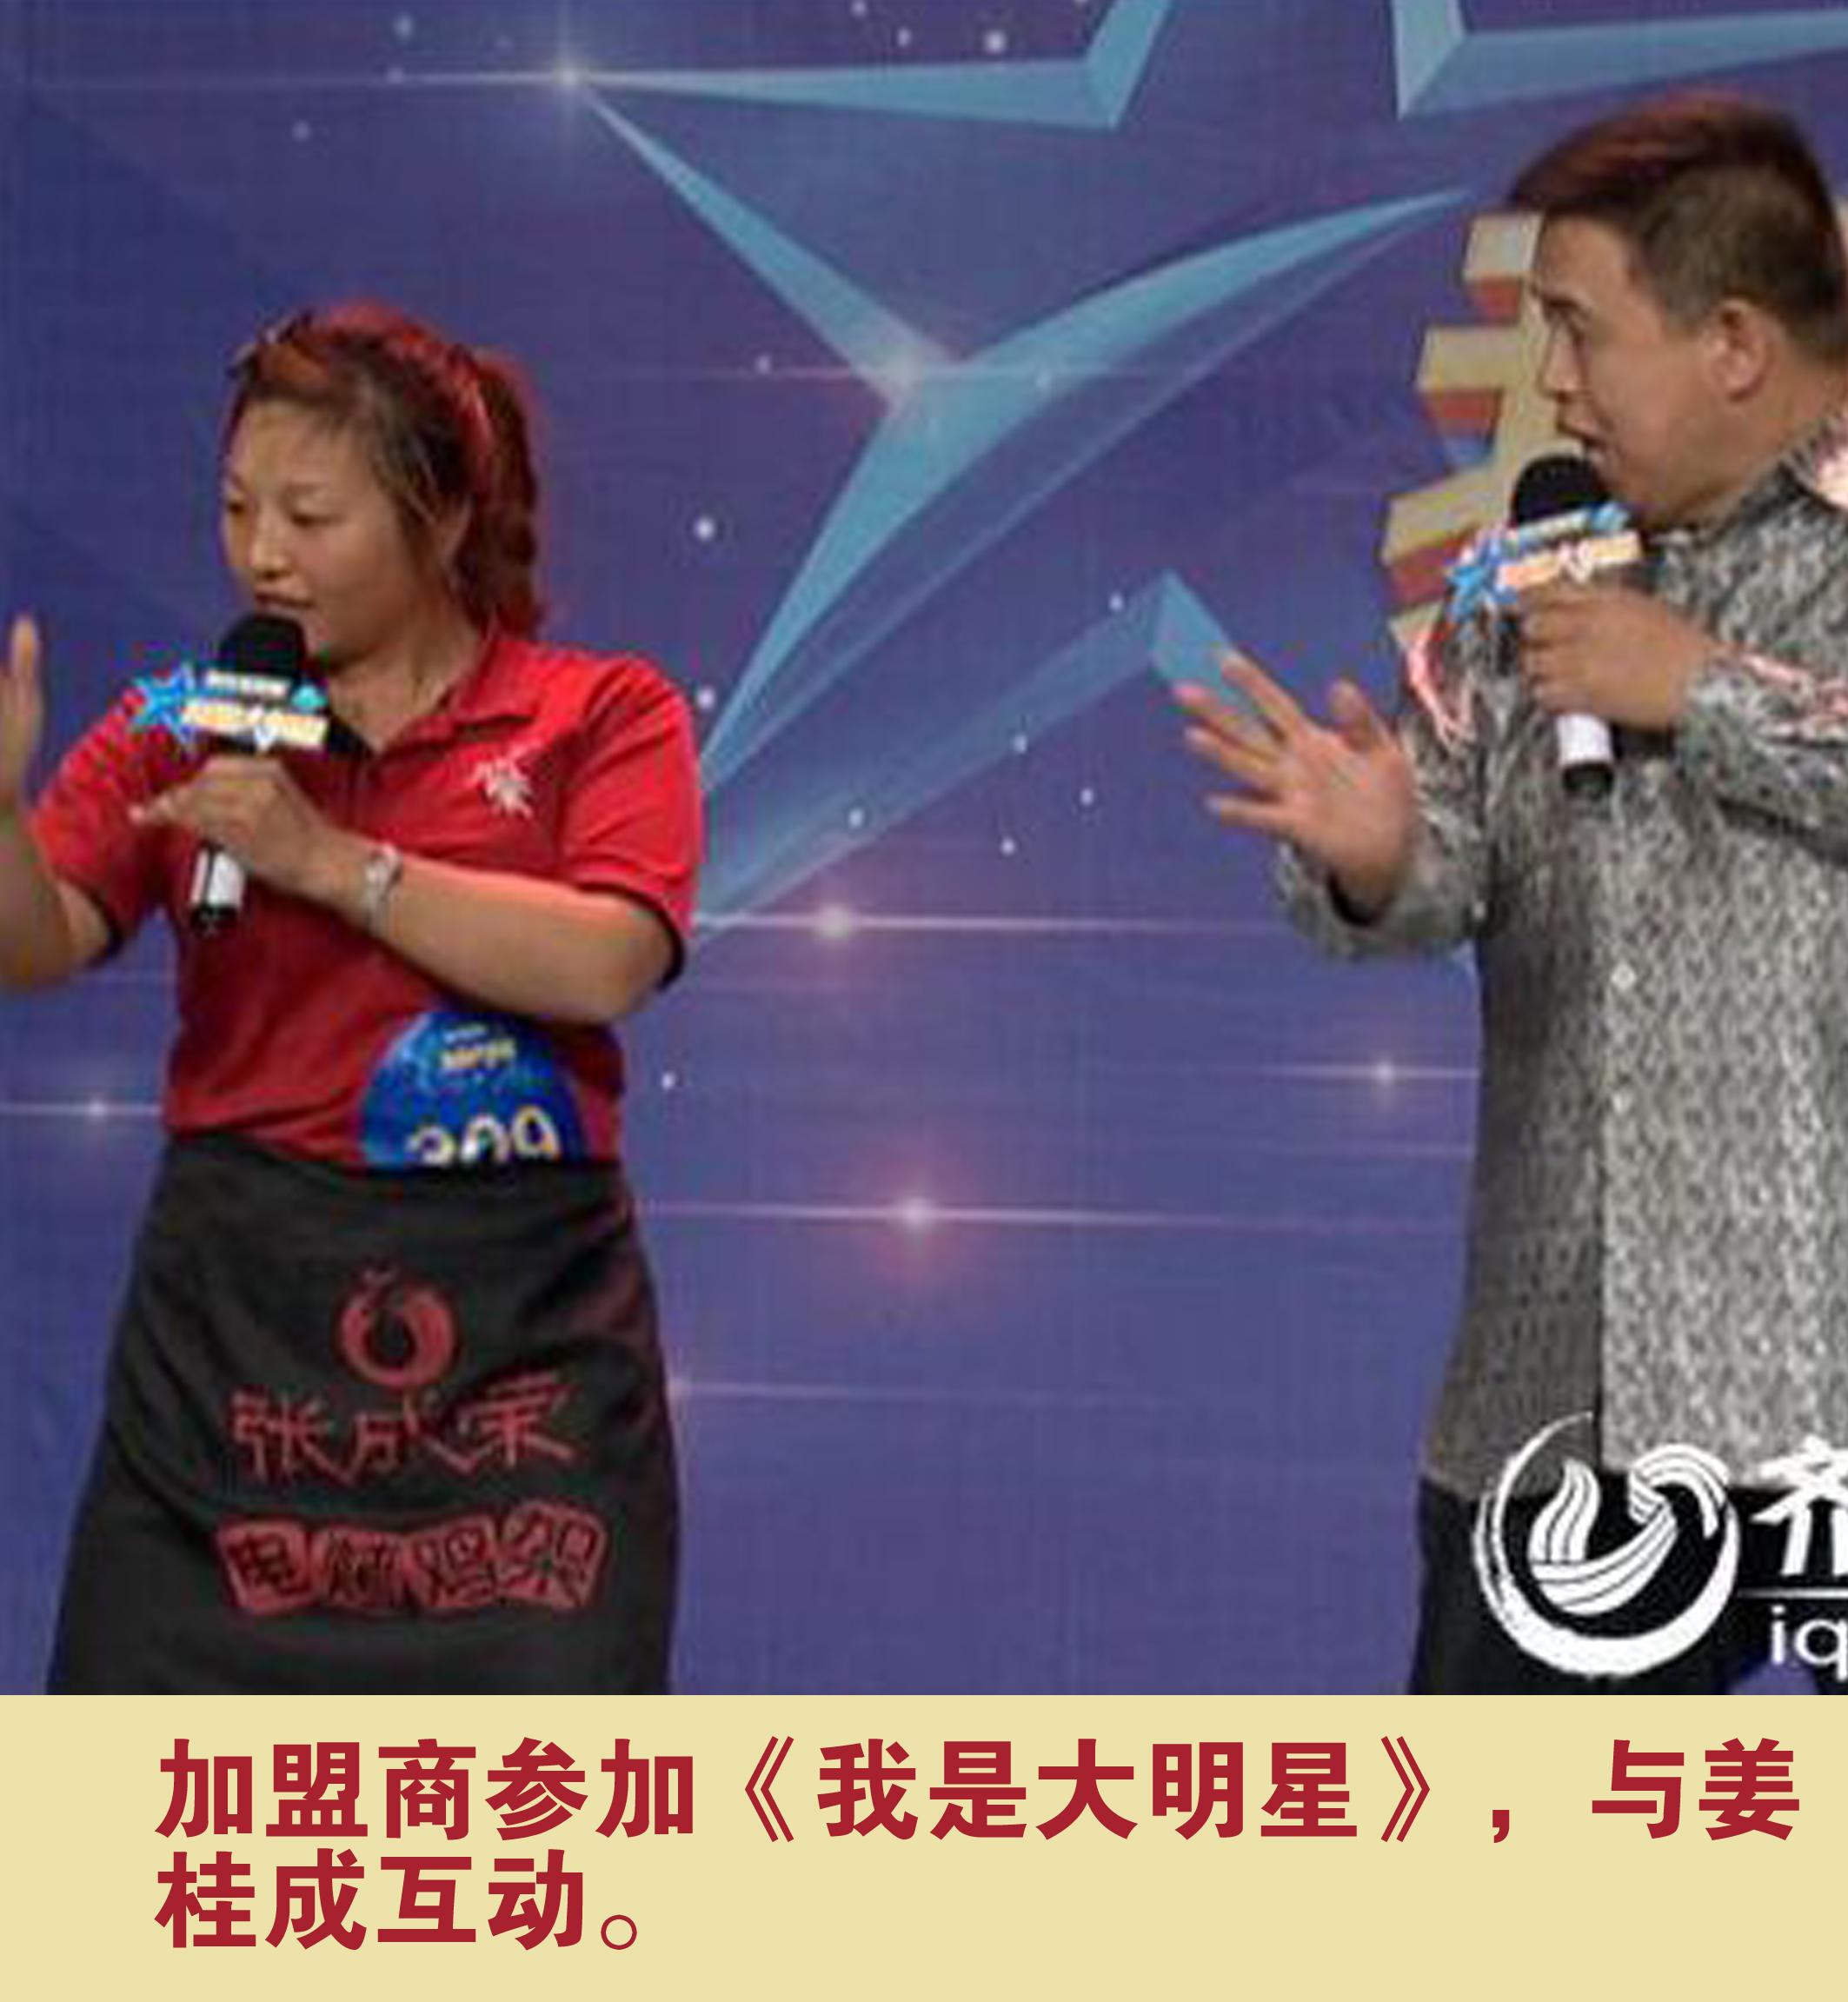 加盟商参加《我是大明星》,与姜桂成互动。